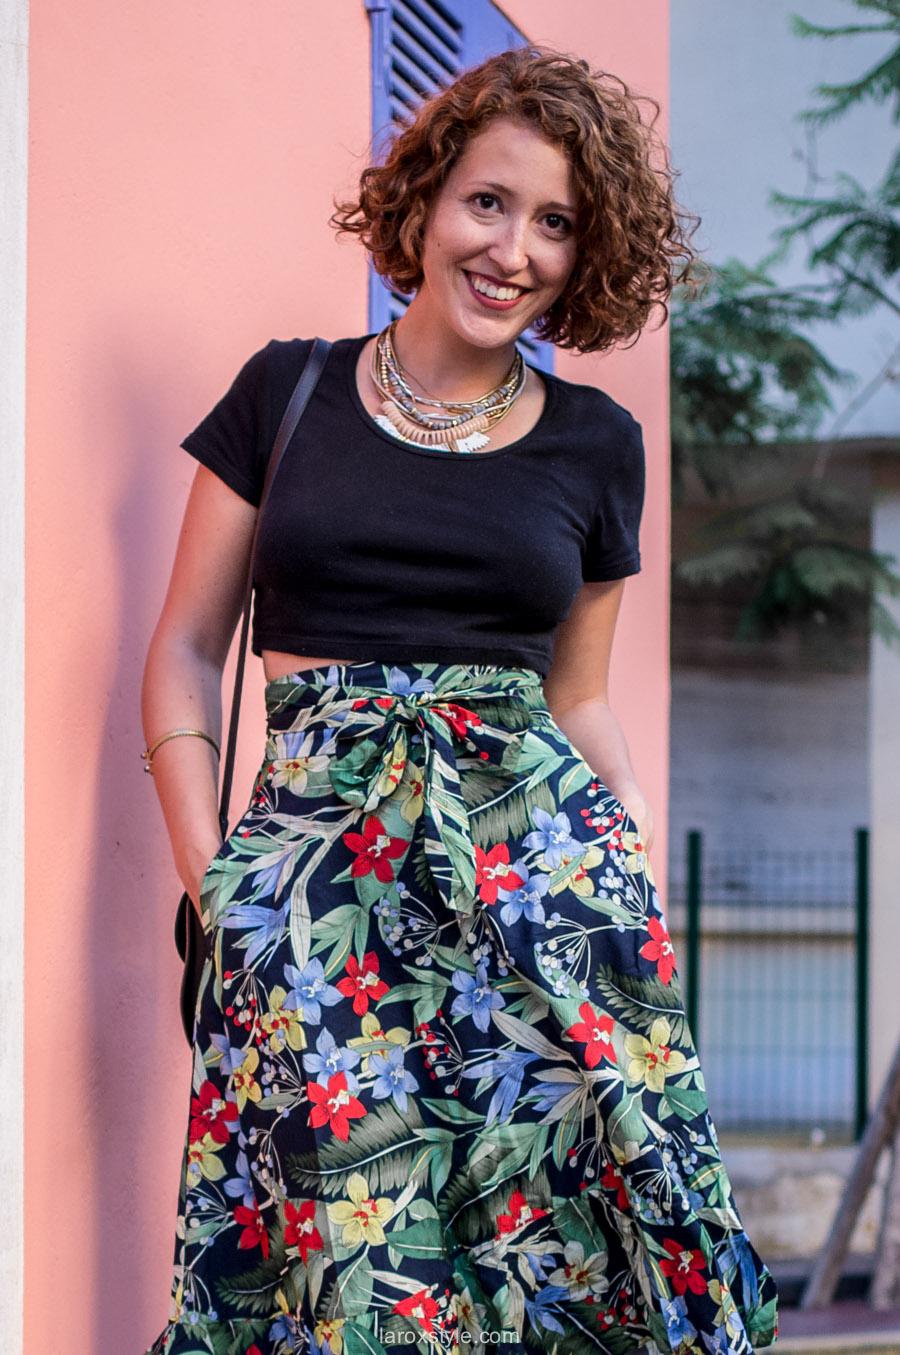 tendance mode femme - look blogueuse mode